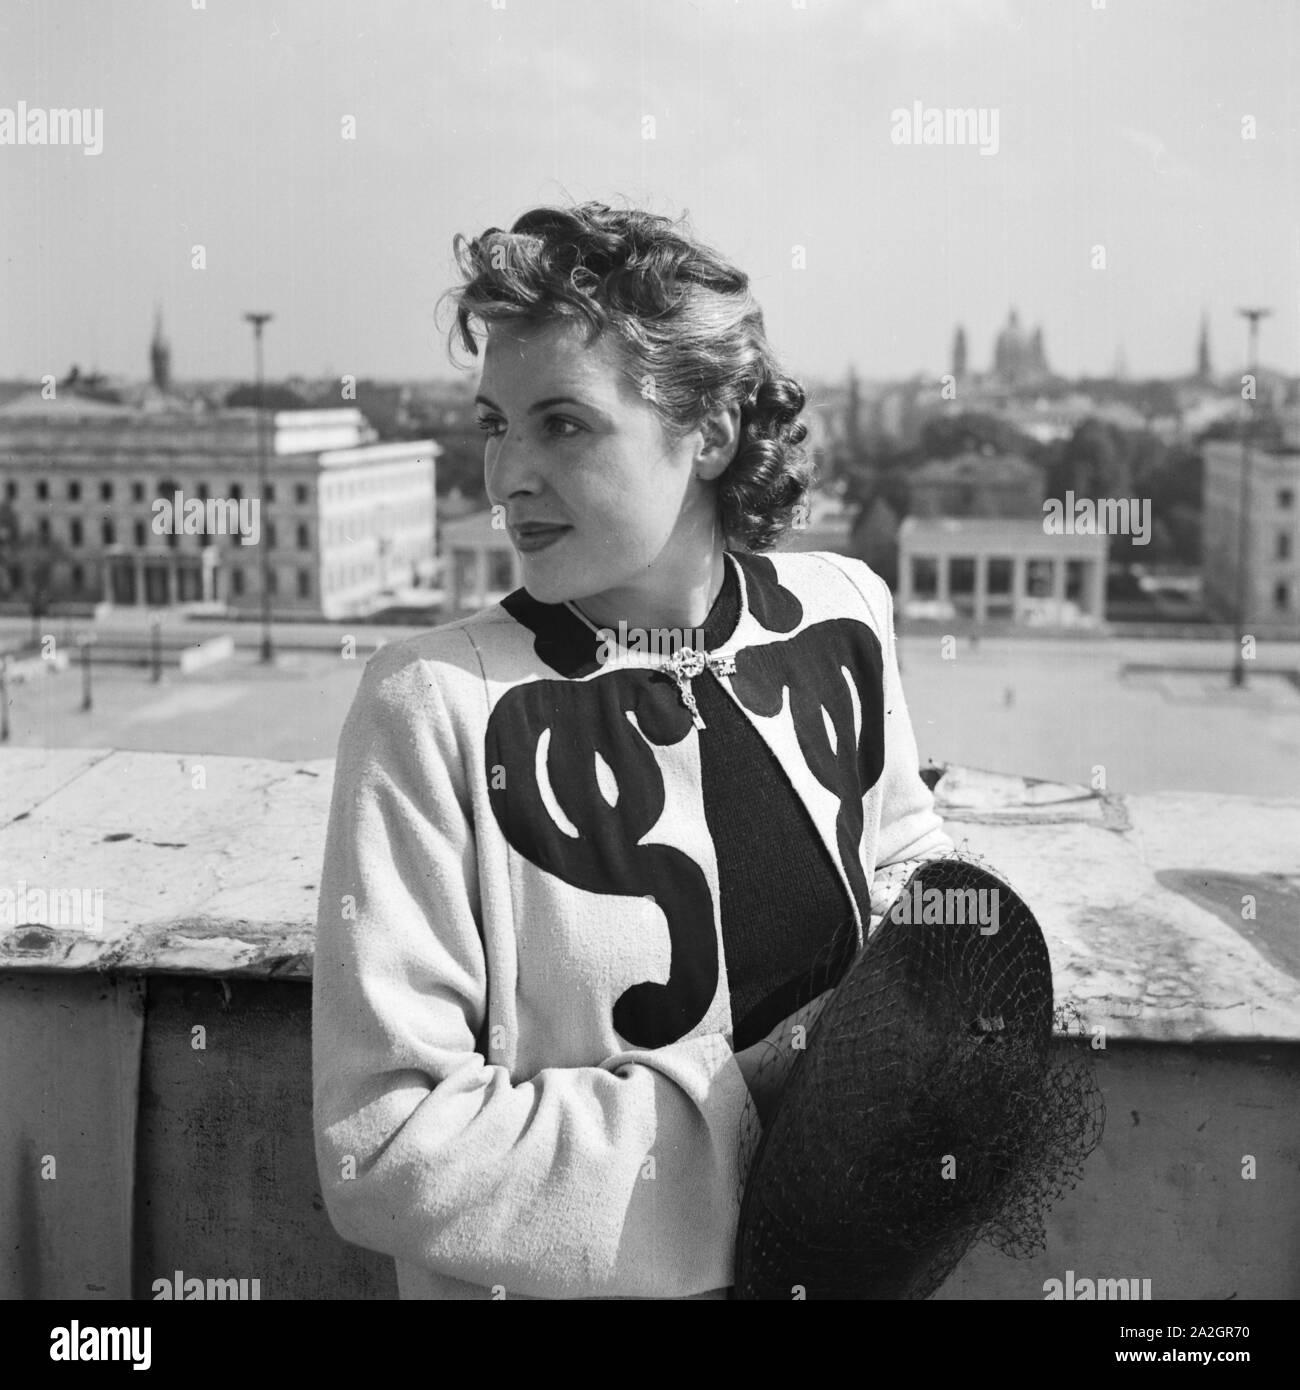 Eine Frau steht an einer Brüstung in München, Deutschland 1930er Jahre. A woman leaning on a balustrade at Munich, Germany 1930s. Stock Photo